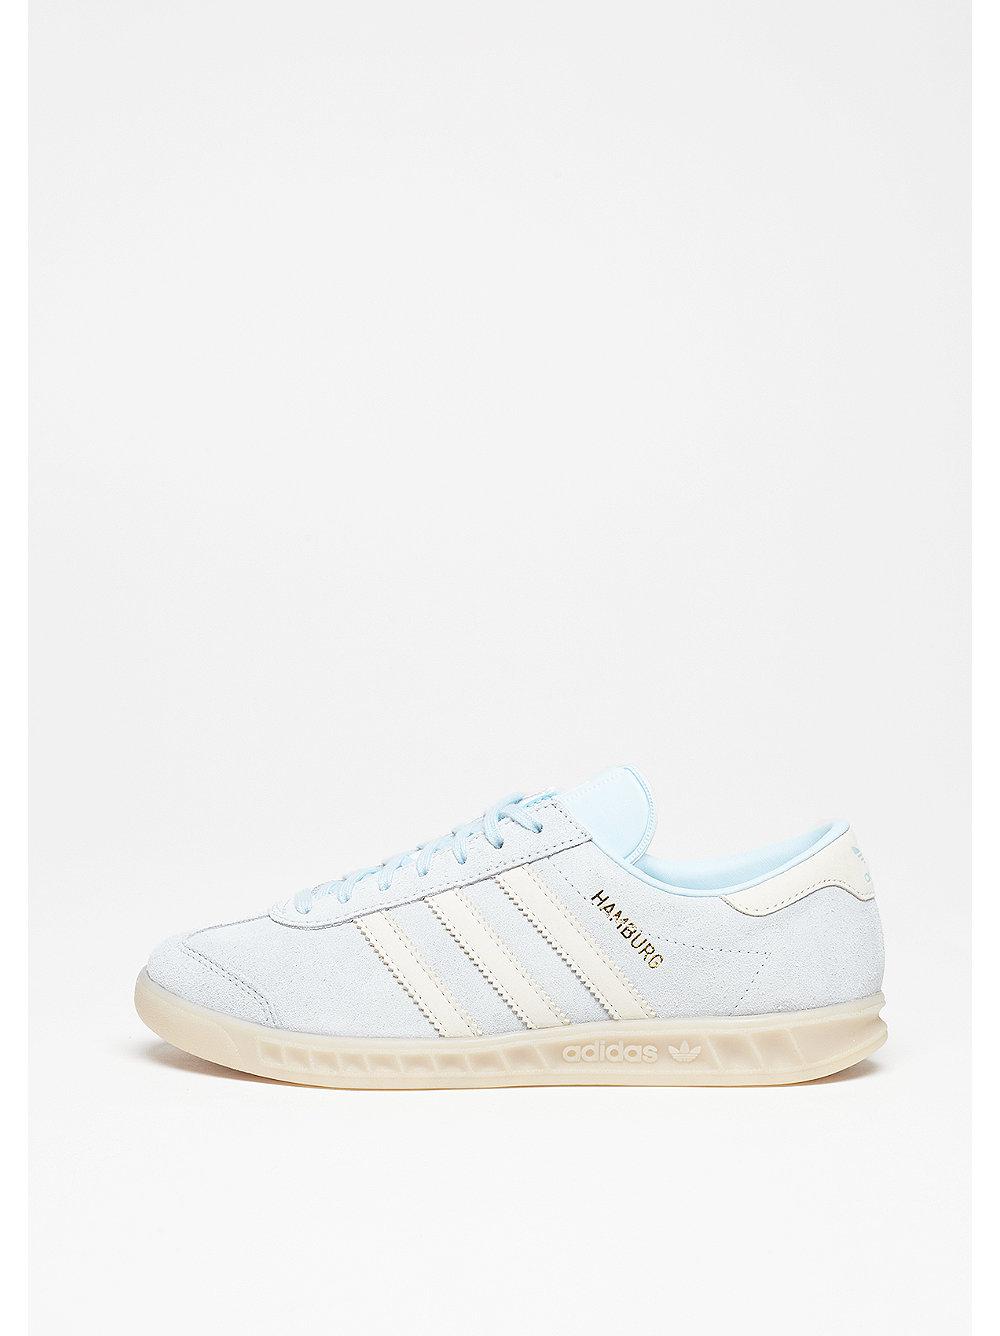 adidas Hamburg ice blue-off white-off white